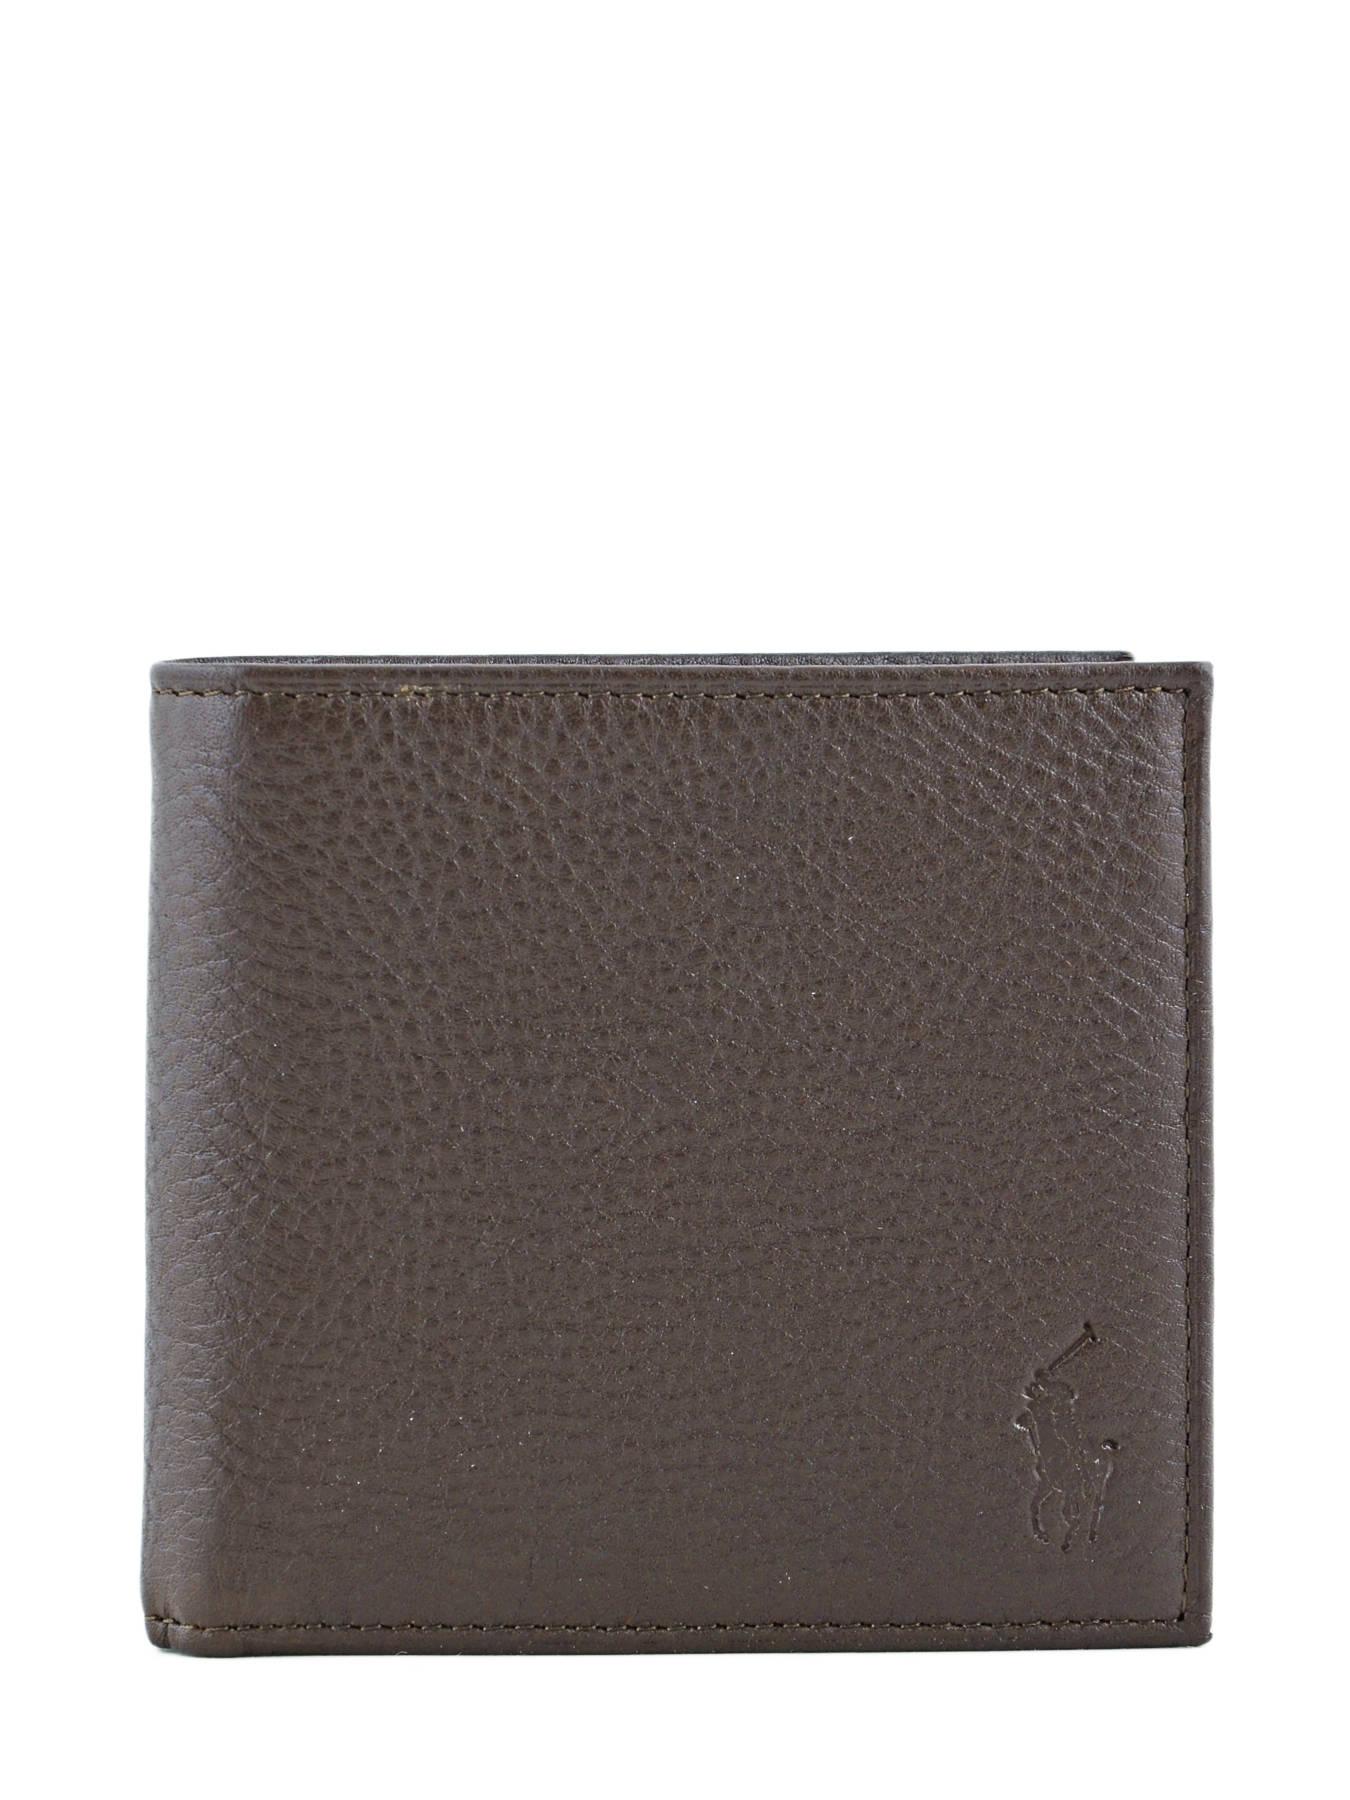 portefeuille homme polo ralph lauren wallet 2006 brown en vente au meilleur prix. Black Bedroom Furniture Sets. Home Design Ideas